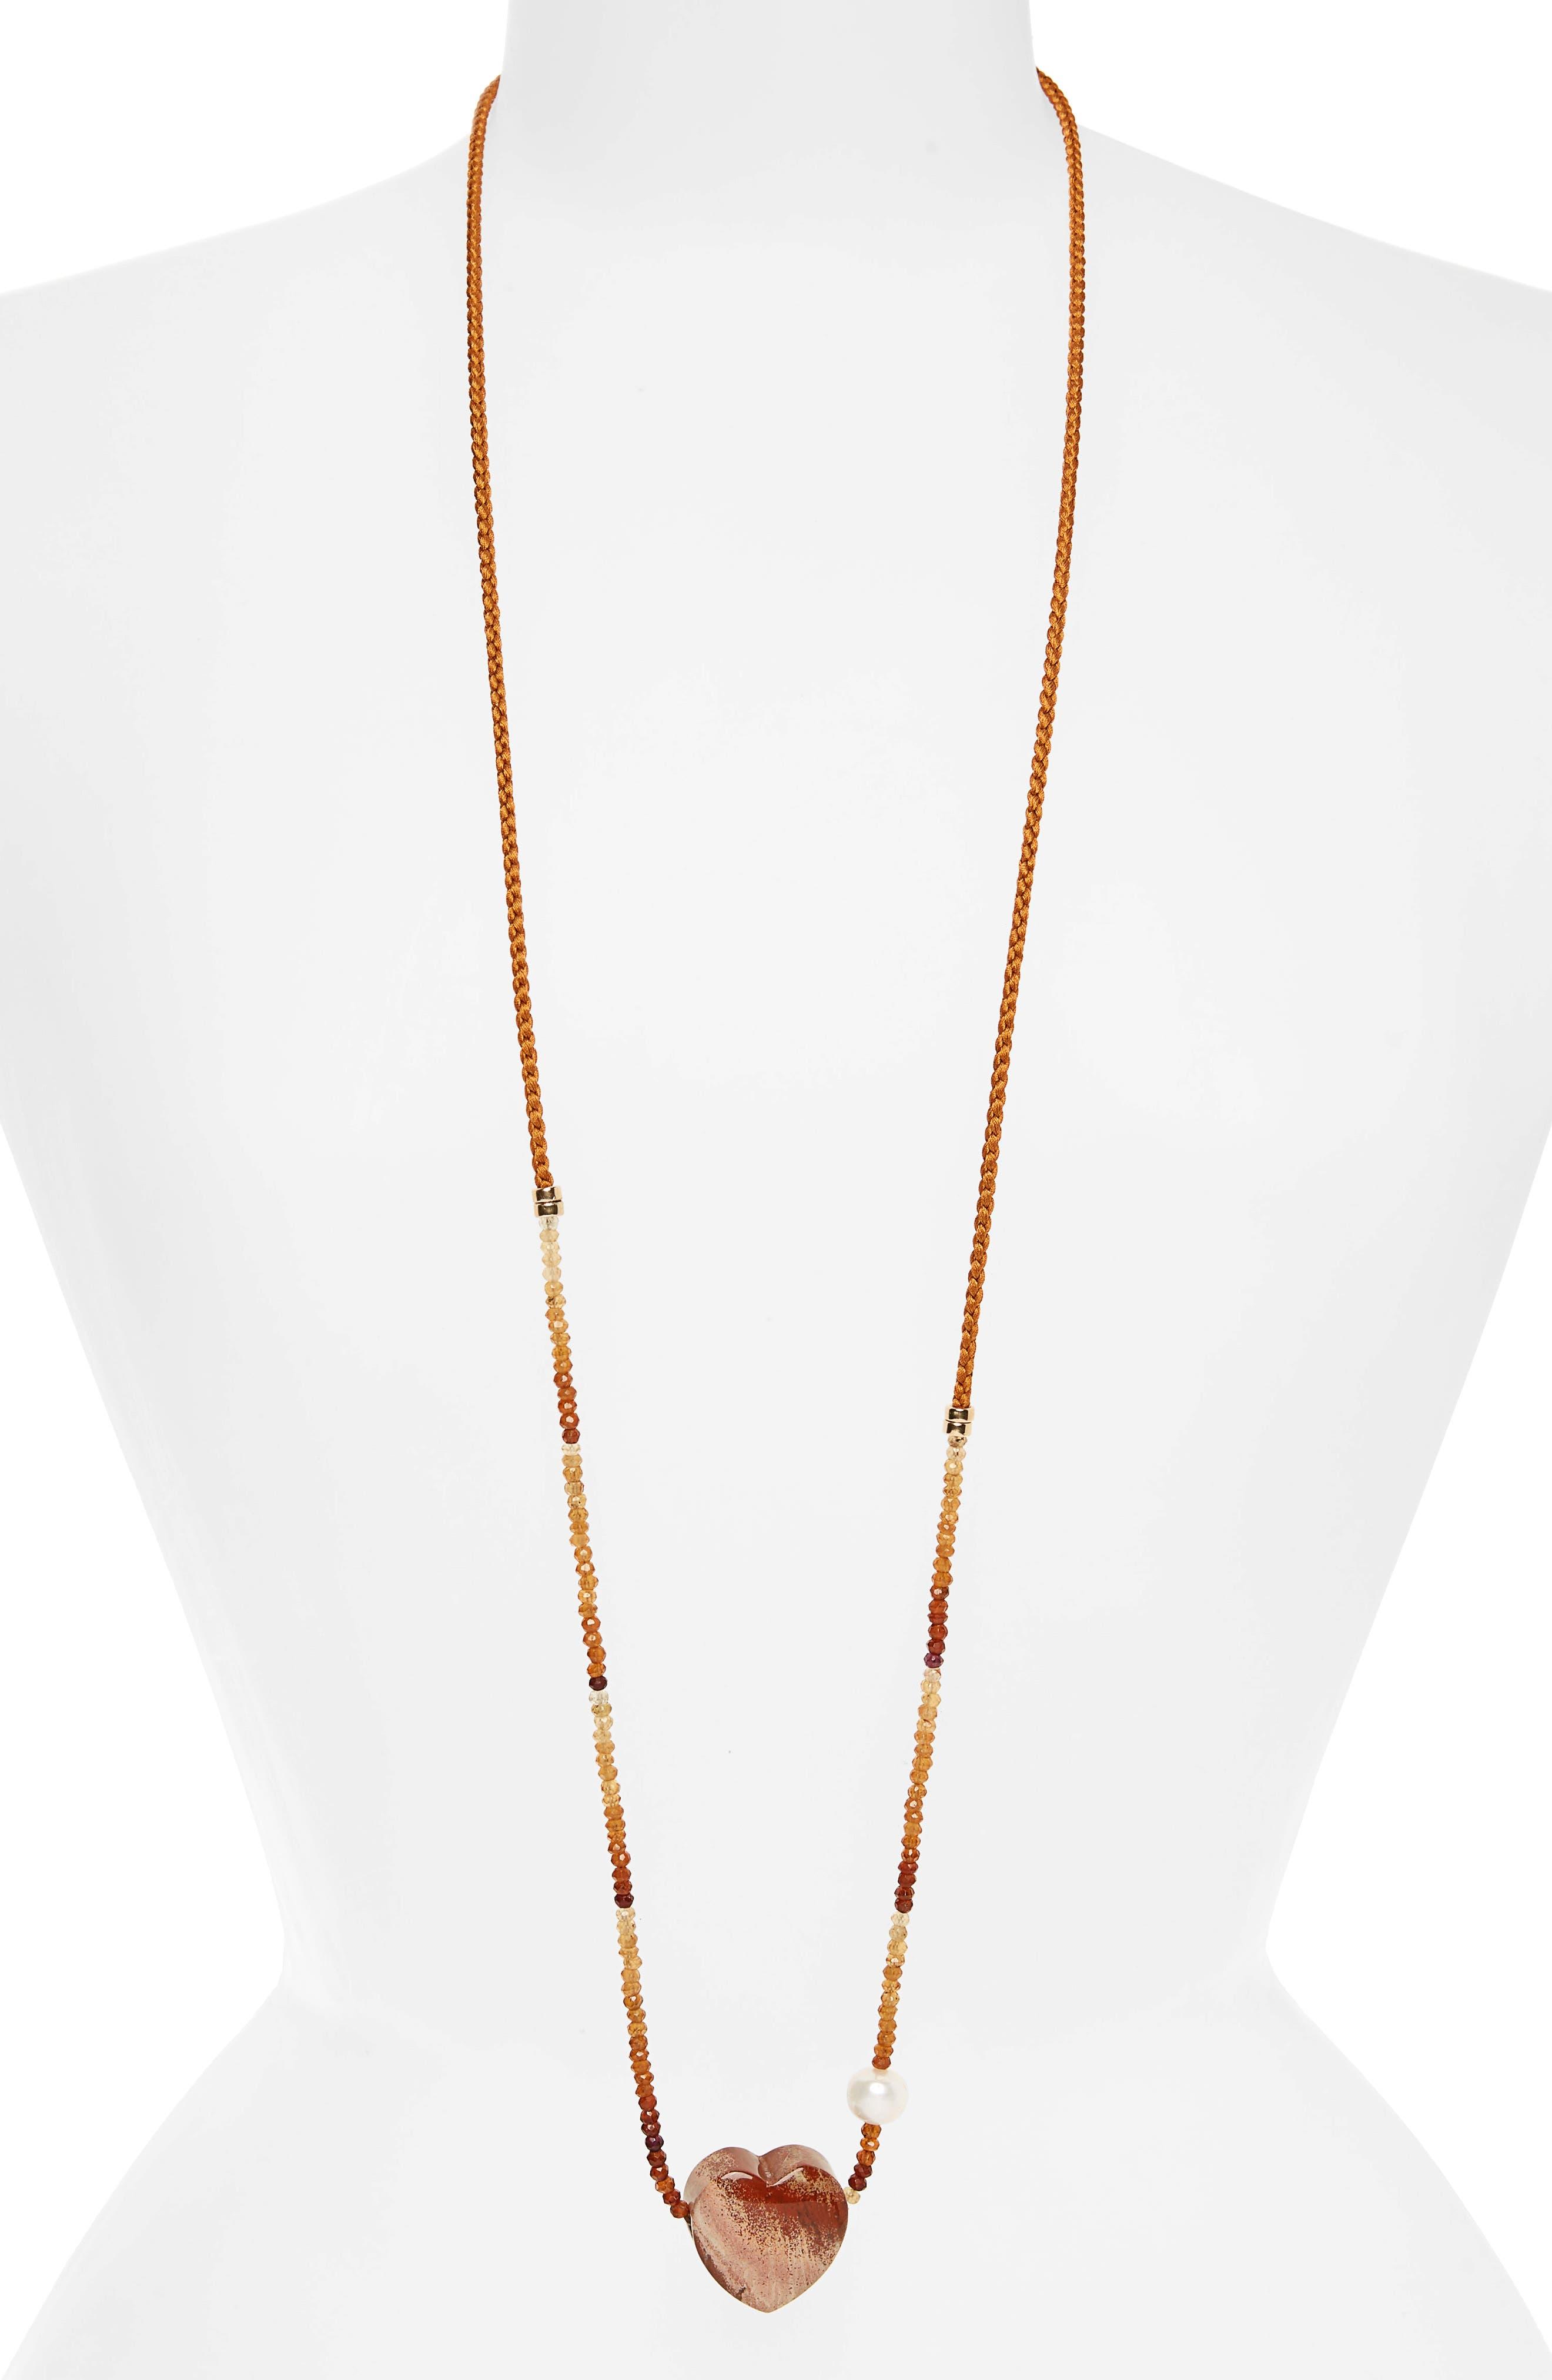 Lizzie Fortunato Gemini Necklace